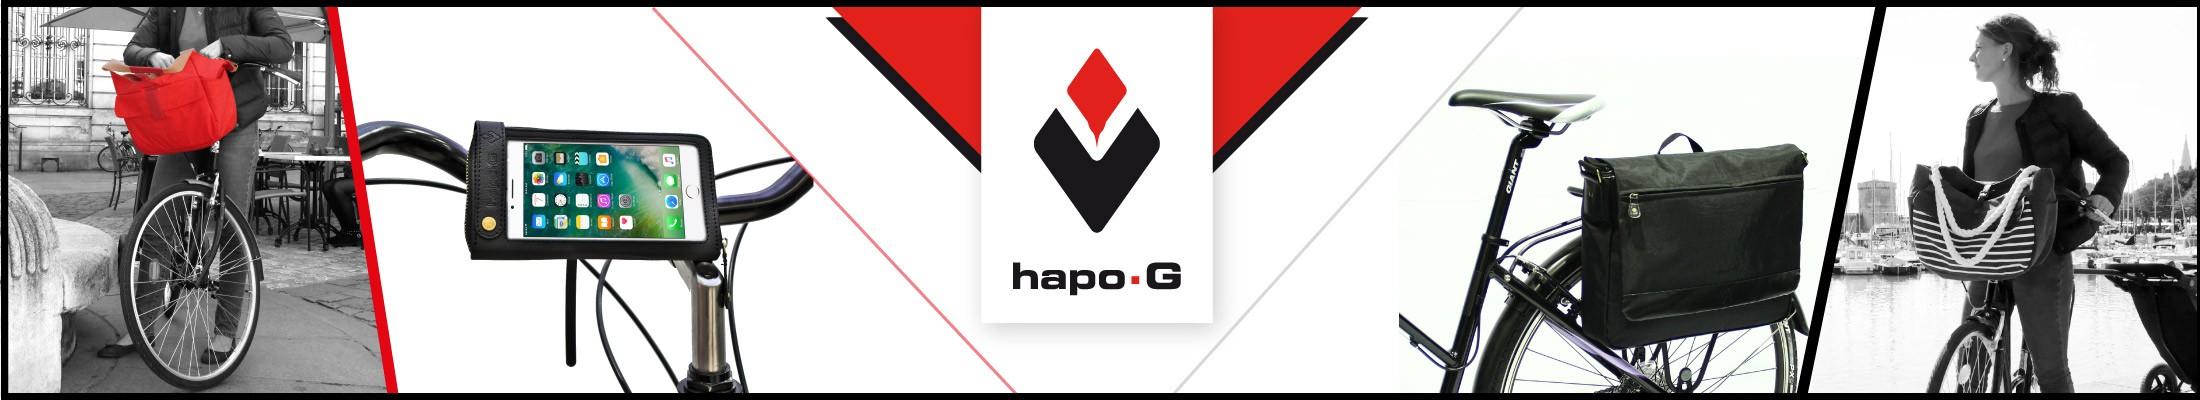 Découvrez la nouvelle bagagerie urbaine 2018 de la marque HAPO G